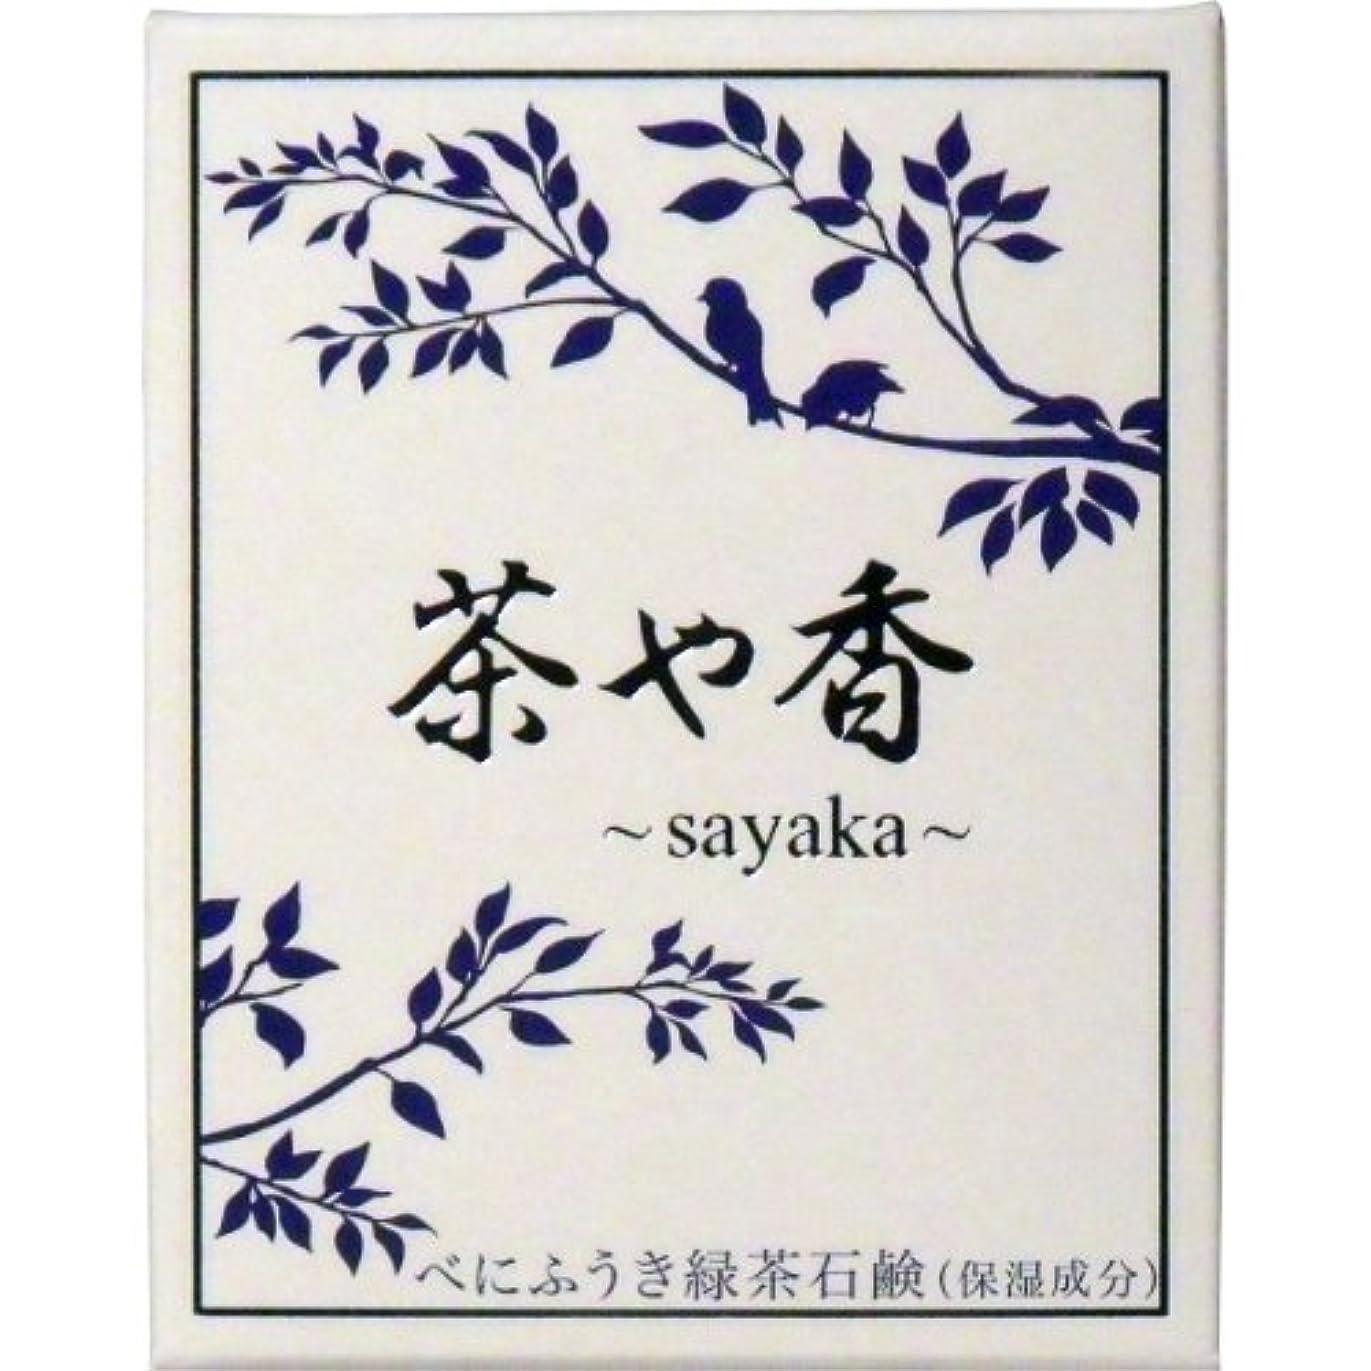 マークされた当社おしゃれじゃない茶や香 -sayaka- べにふうき緑茶石鹸 100g入